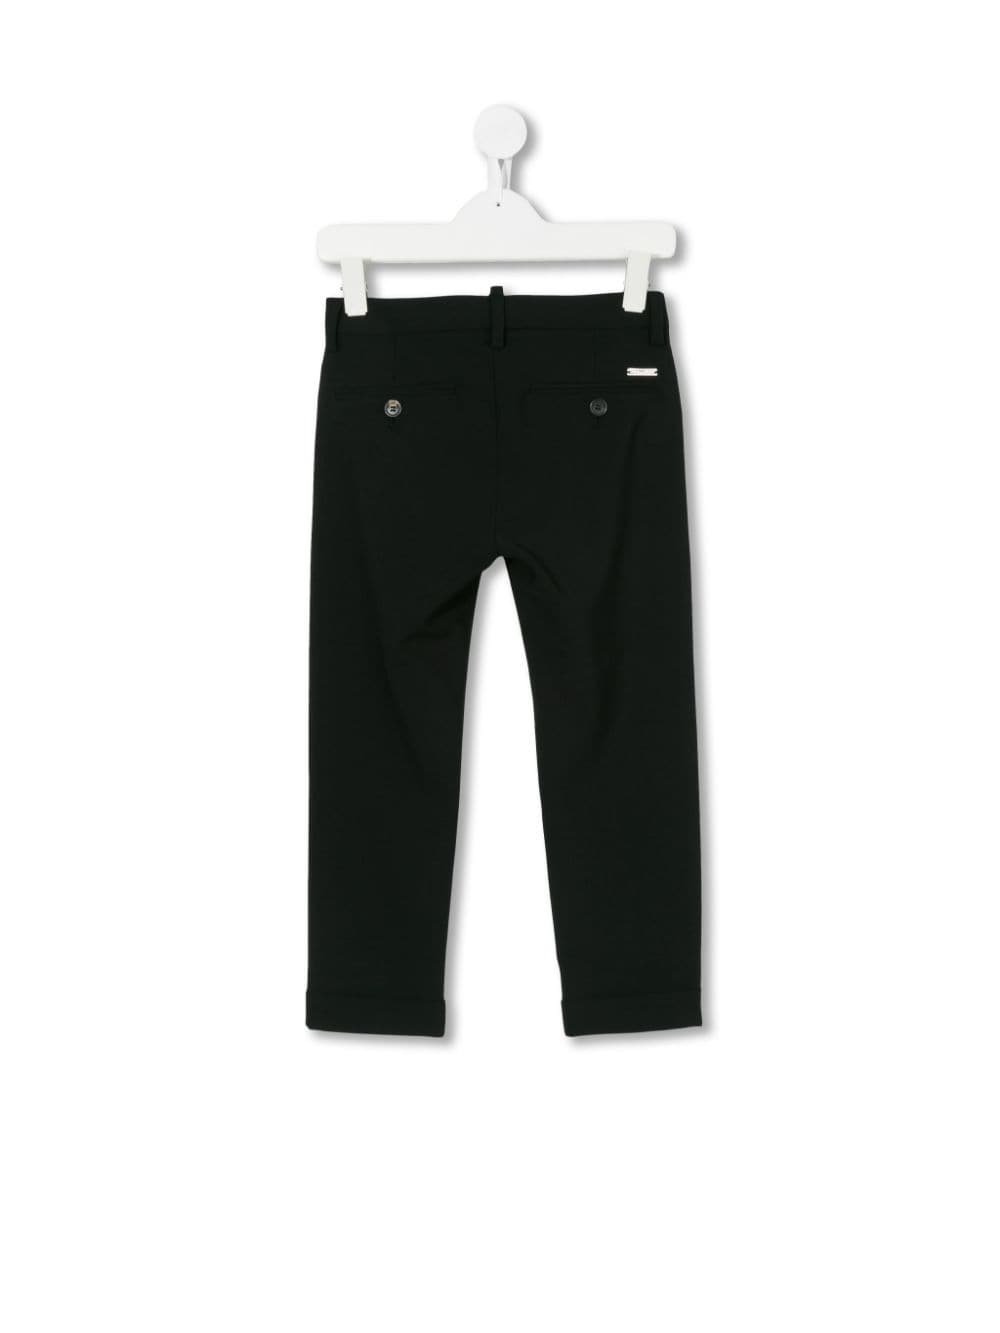 PANTALONE NERO DSQUARED KIDS | Pantalone | DQ02E5D000TD2P52VMDQ900#